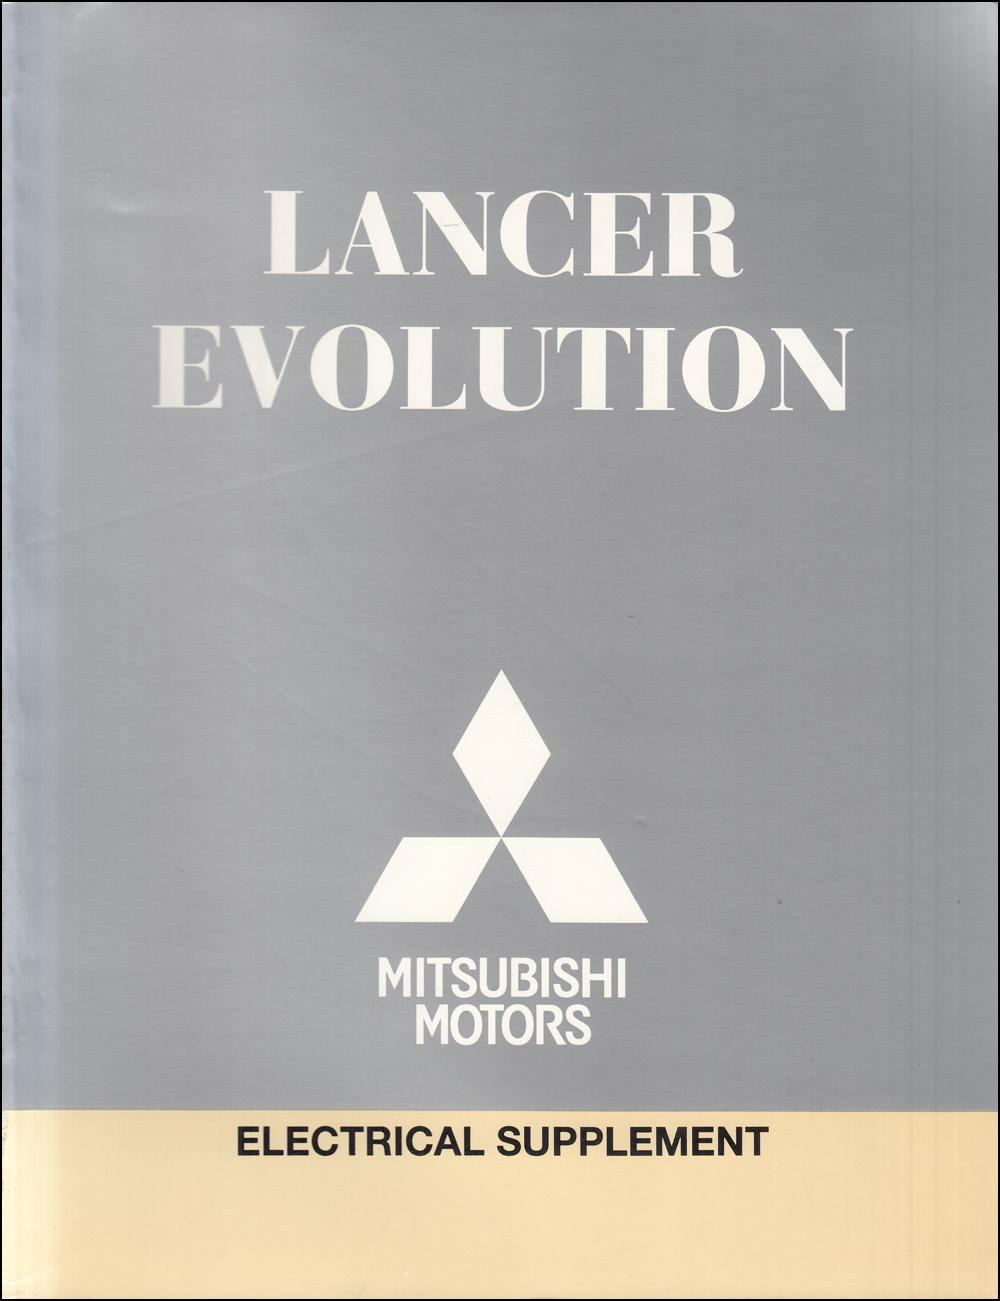 2011 Mitsubishi Lancer Evolution Wiring Diagram Manual Original